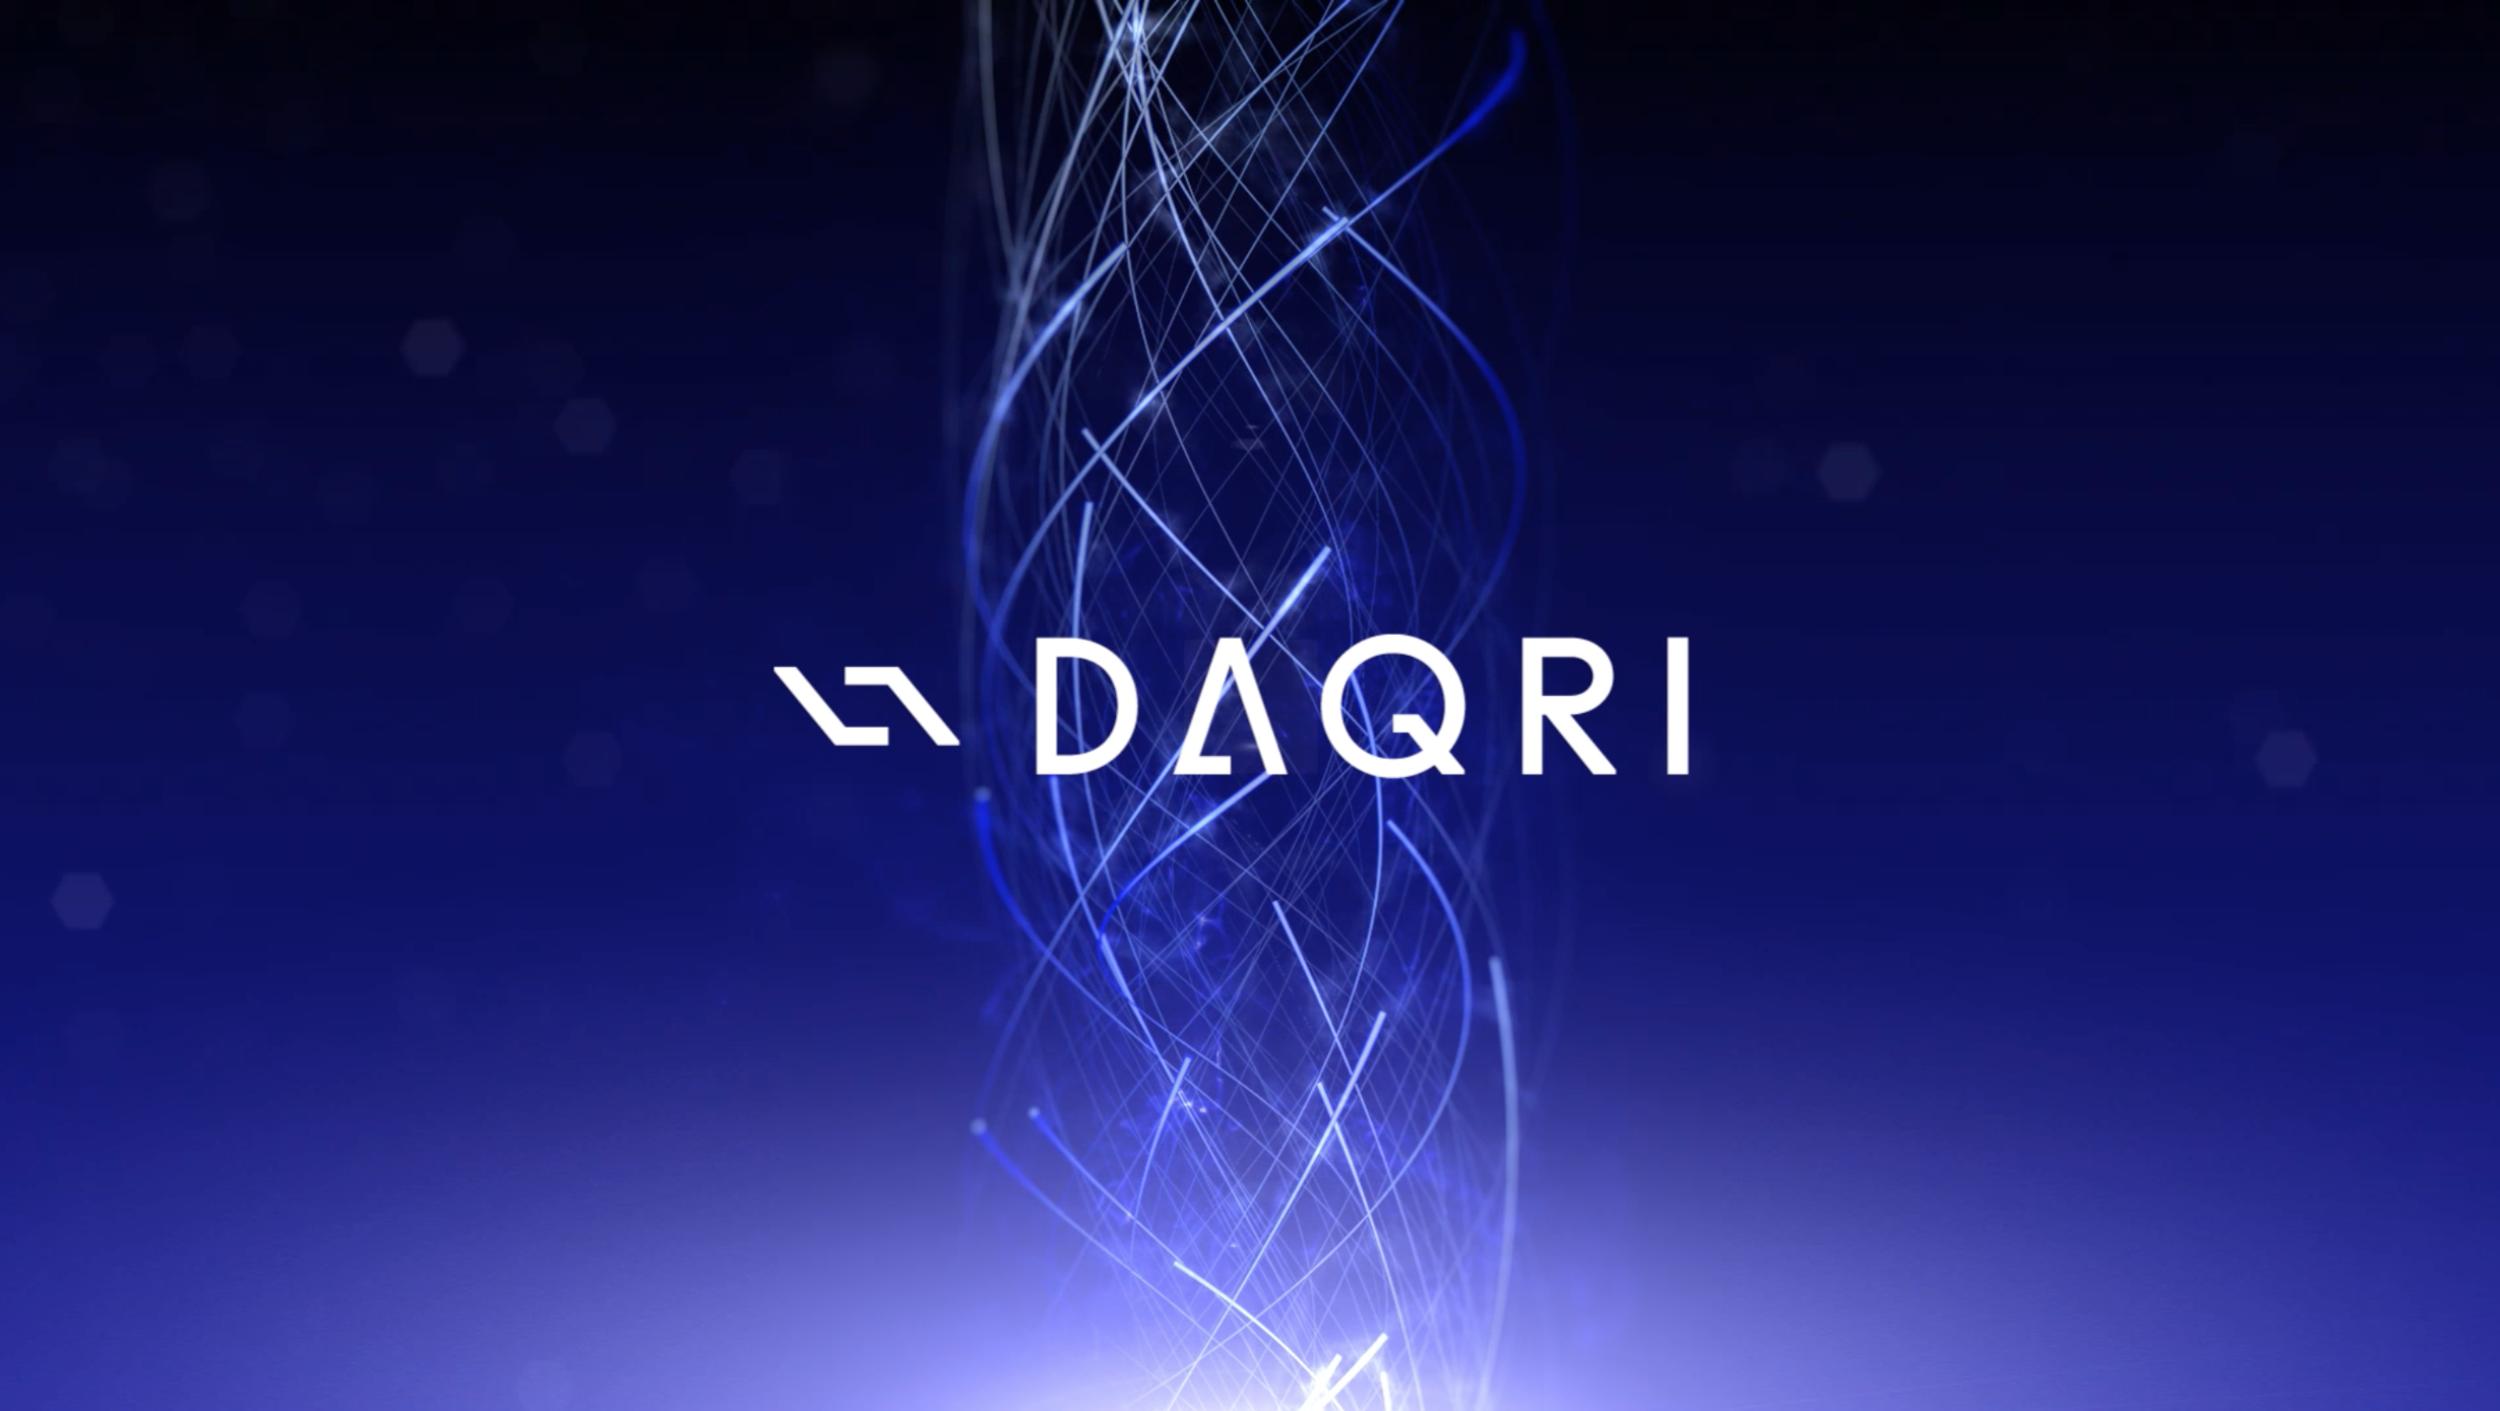 DAQRI AR: Multi-Media Specialist